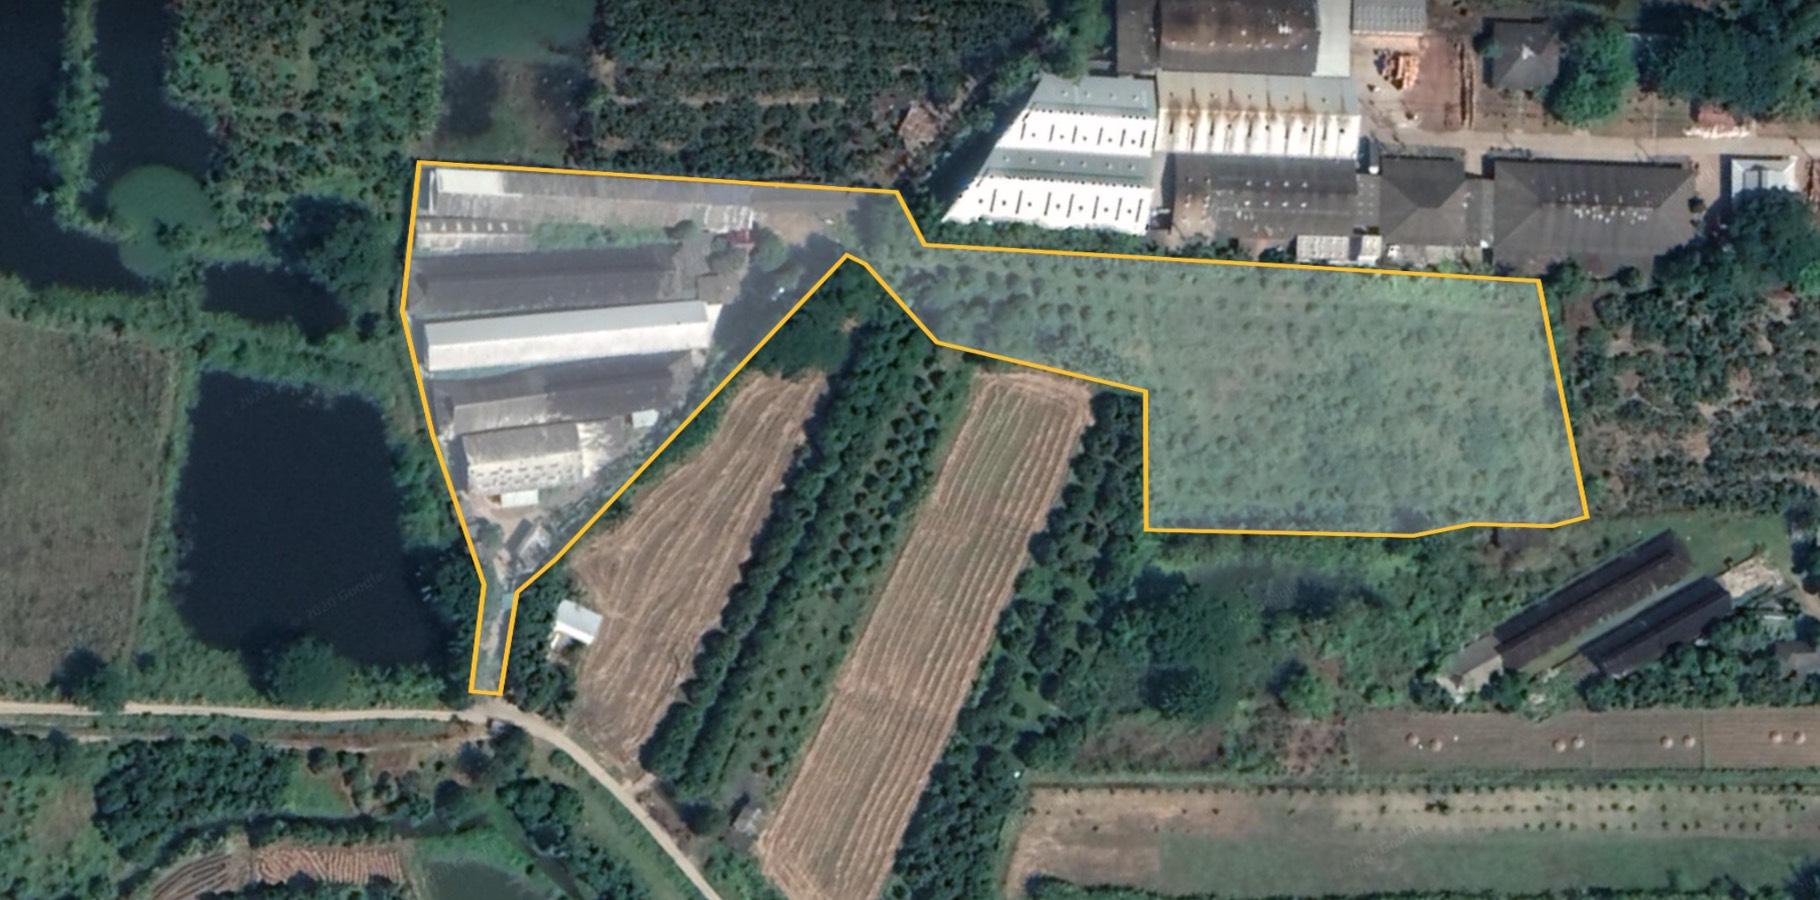 ภาพขายฟาร์มไก่ อำเภอสันป่าตอง จังหวัดเชียงใหม่